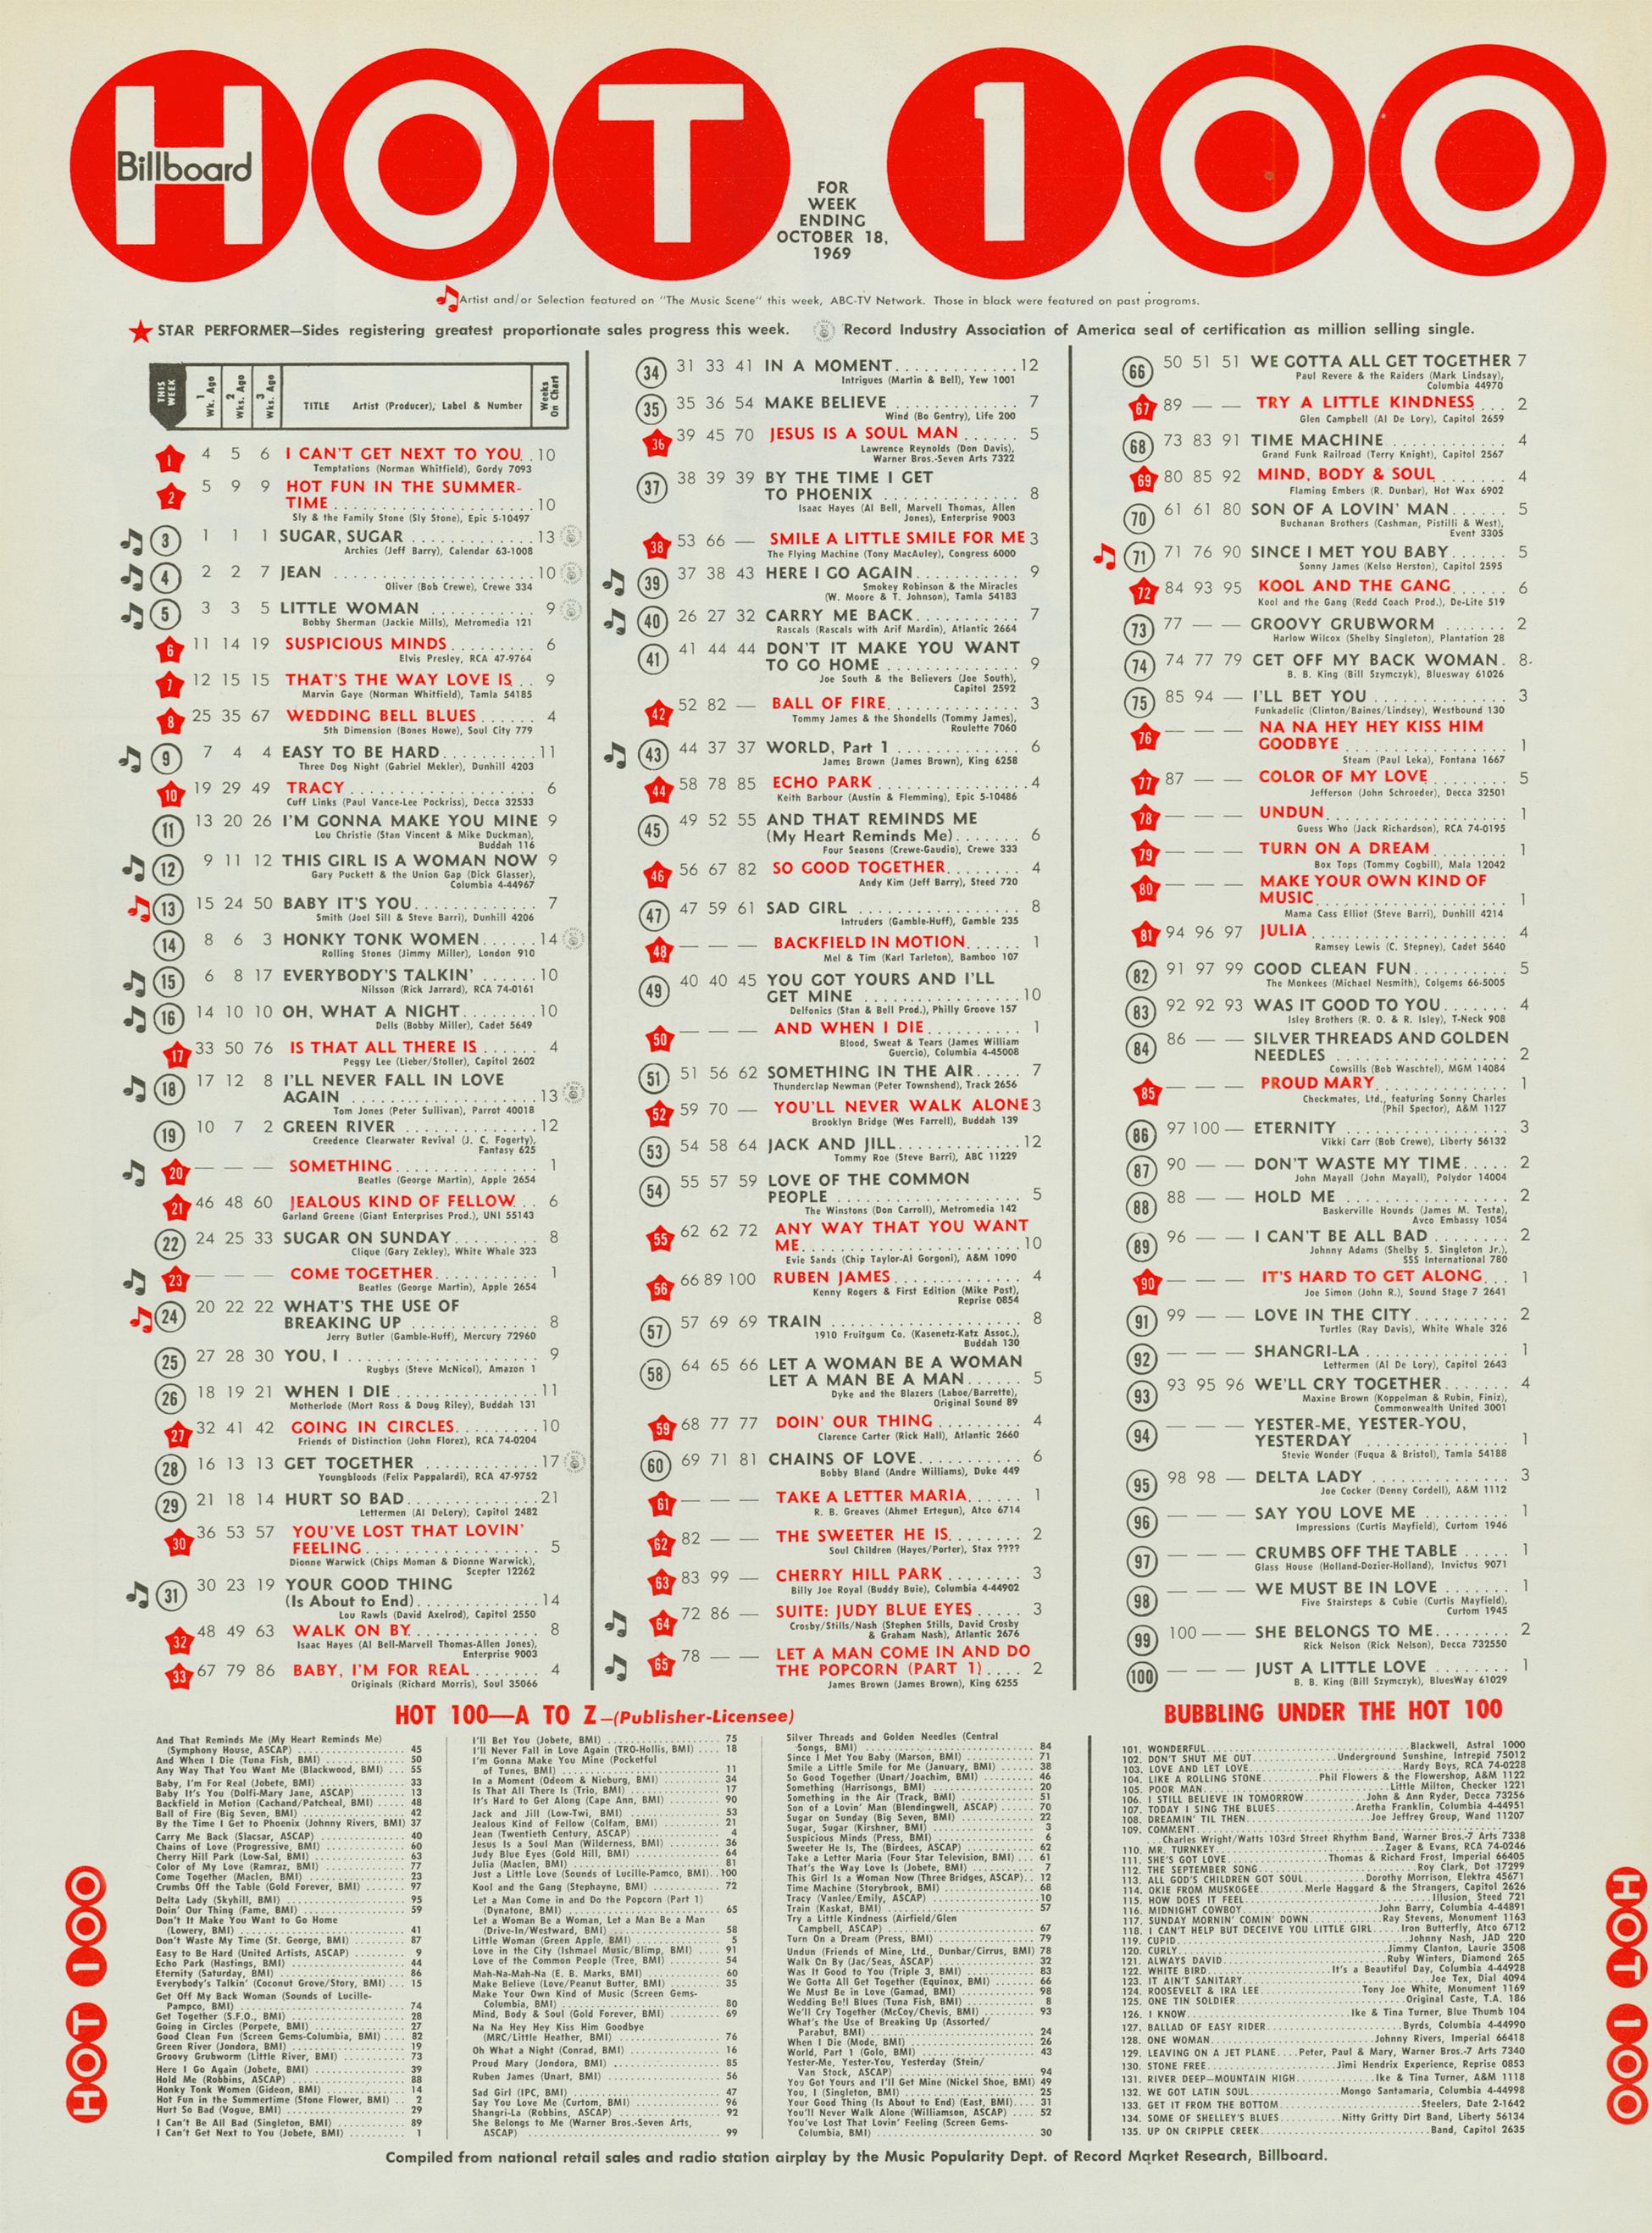 THIS WEEK IN AMERICA! BILLBOARD 'HOT 100′: 10/1969